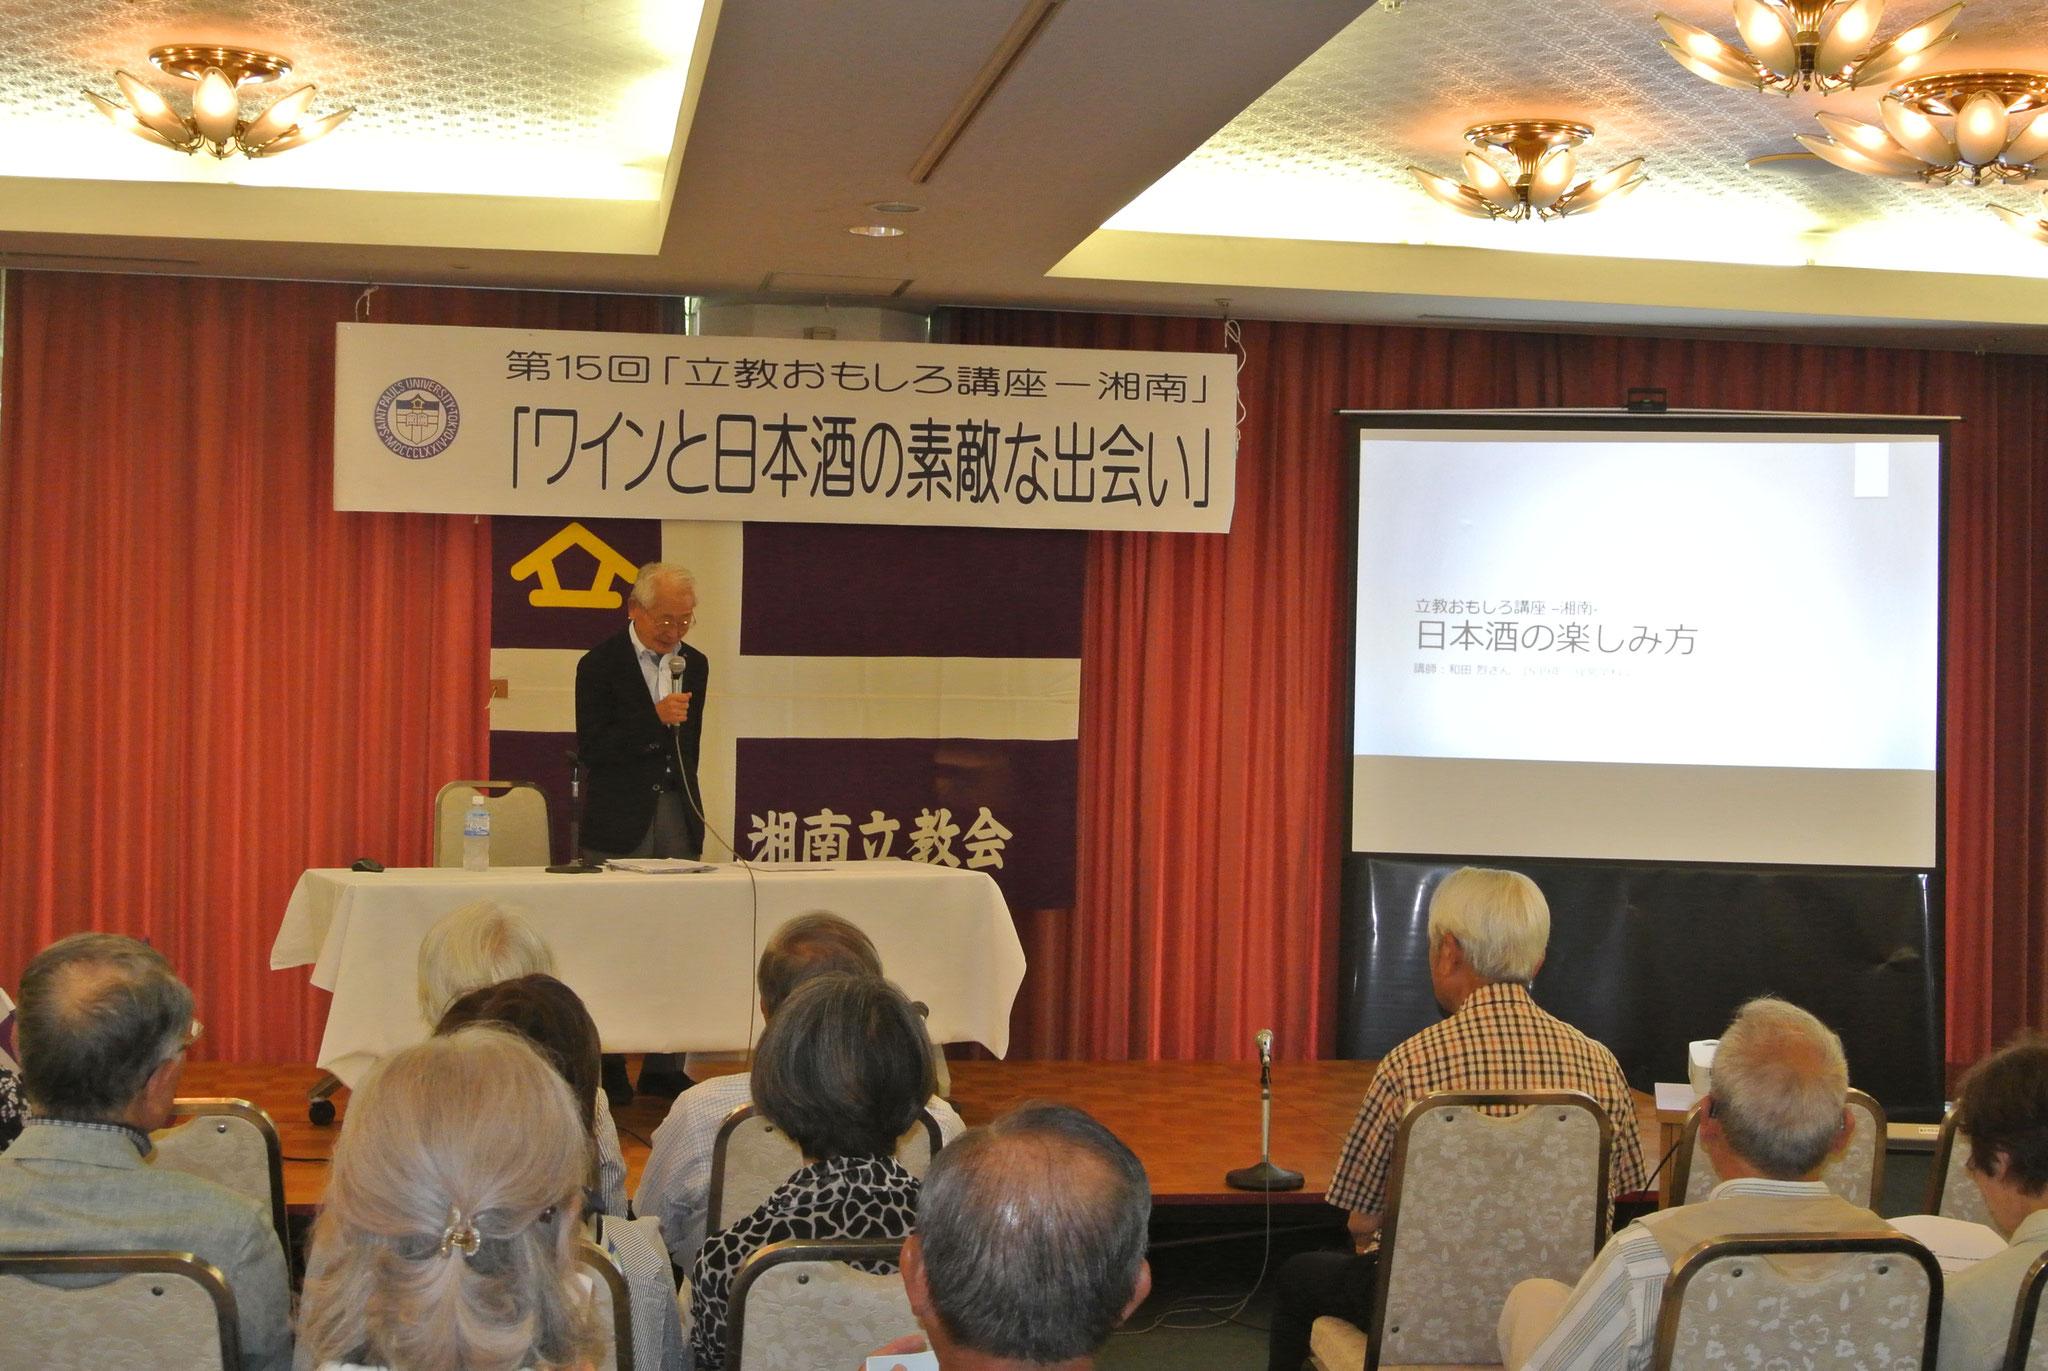 和田講師の日本酒のお話へ